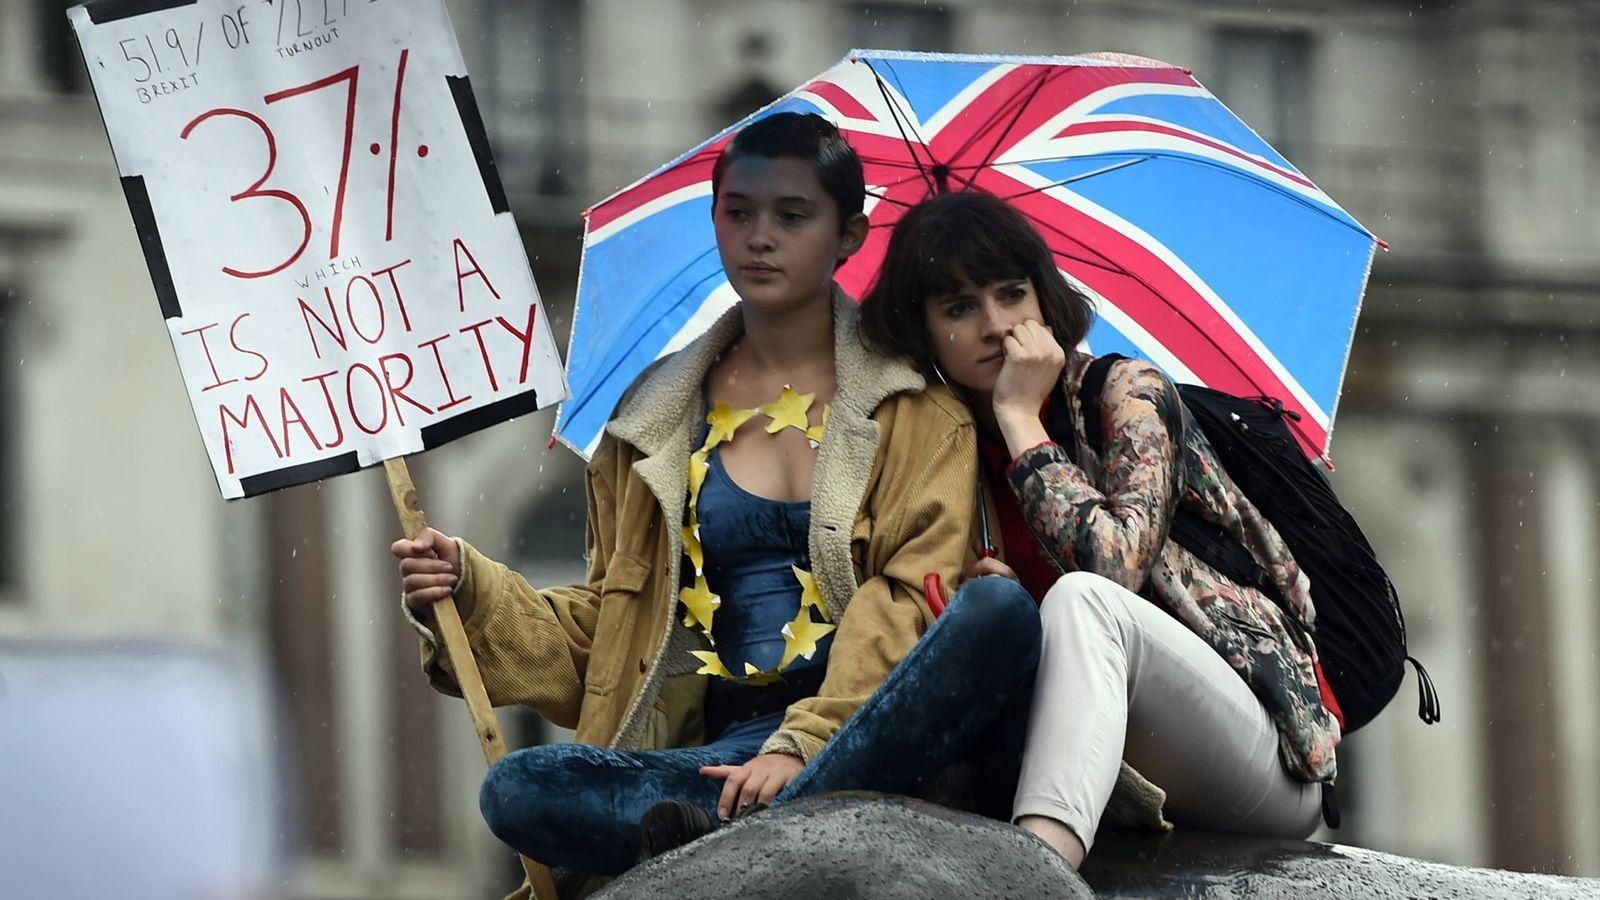 Foto: Manifestantes contrarios al Brexit protestan en Trafalgar Square, Londres, el 28 de junio de 2016. (Reuters)